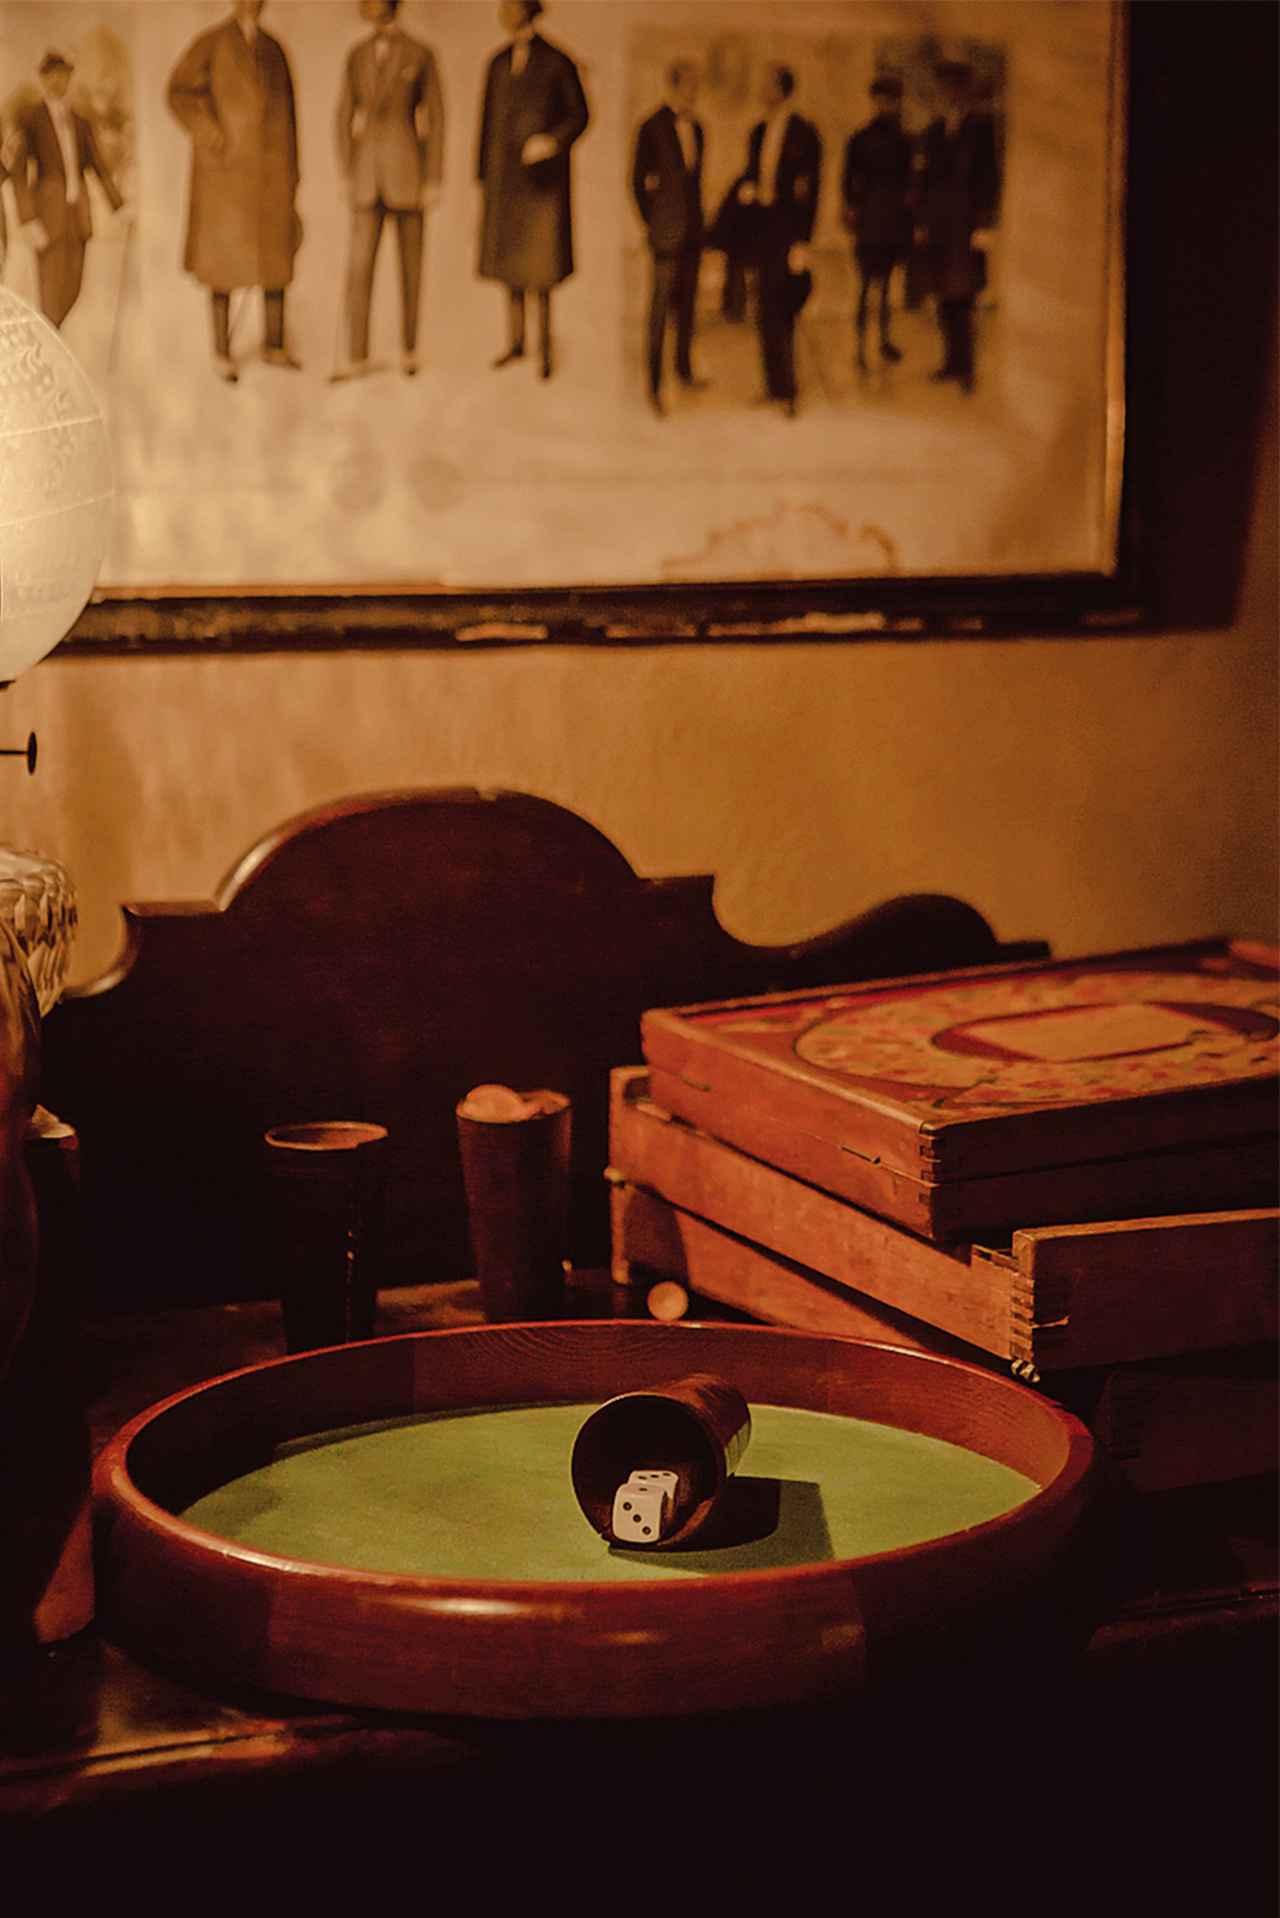 Images : 3番目の画像 - 「ミモザの香りと砂丘に導かれ、 フランスにおけるケープ・コッド カップ・フェレ半島へ」のアルバム - T JAPAN:The New York Times Style Magazine 公式サイト